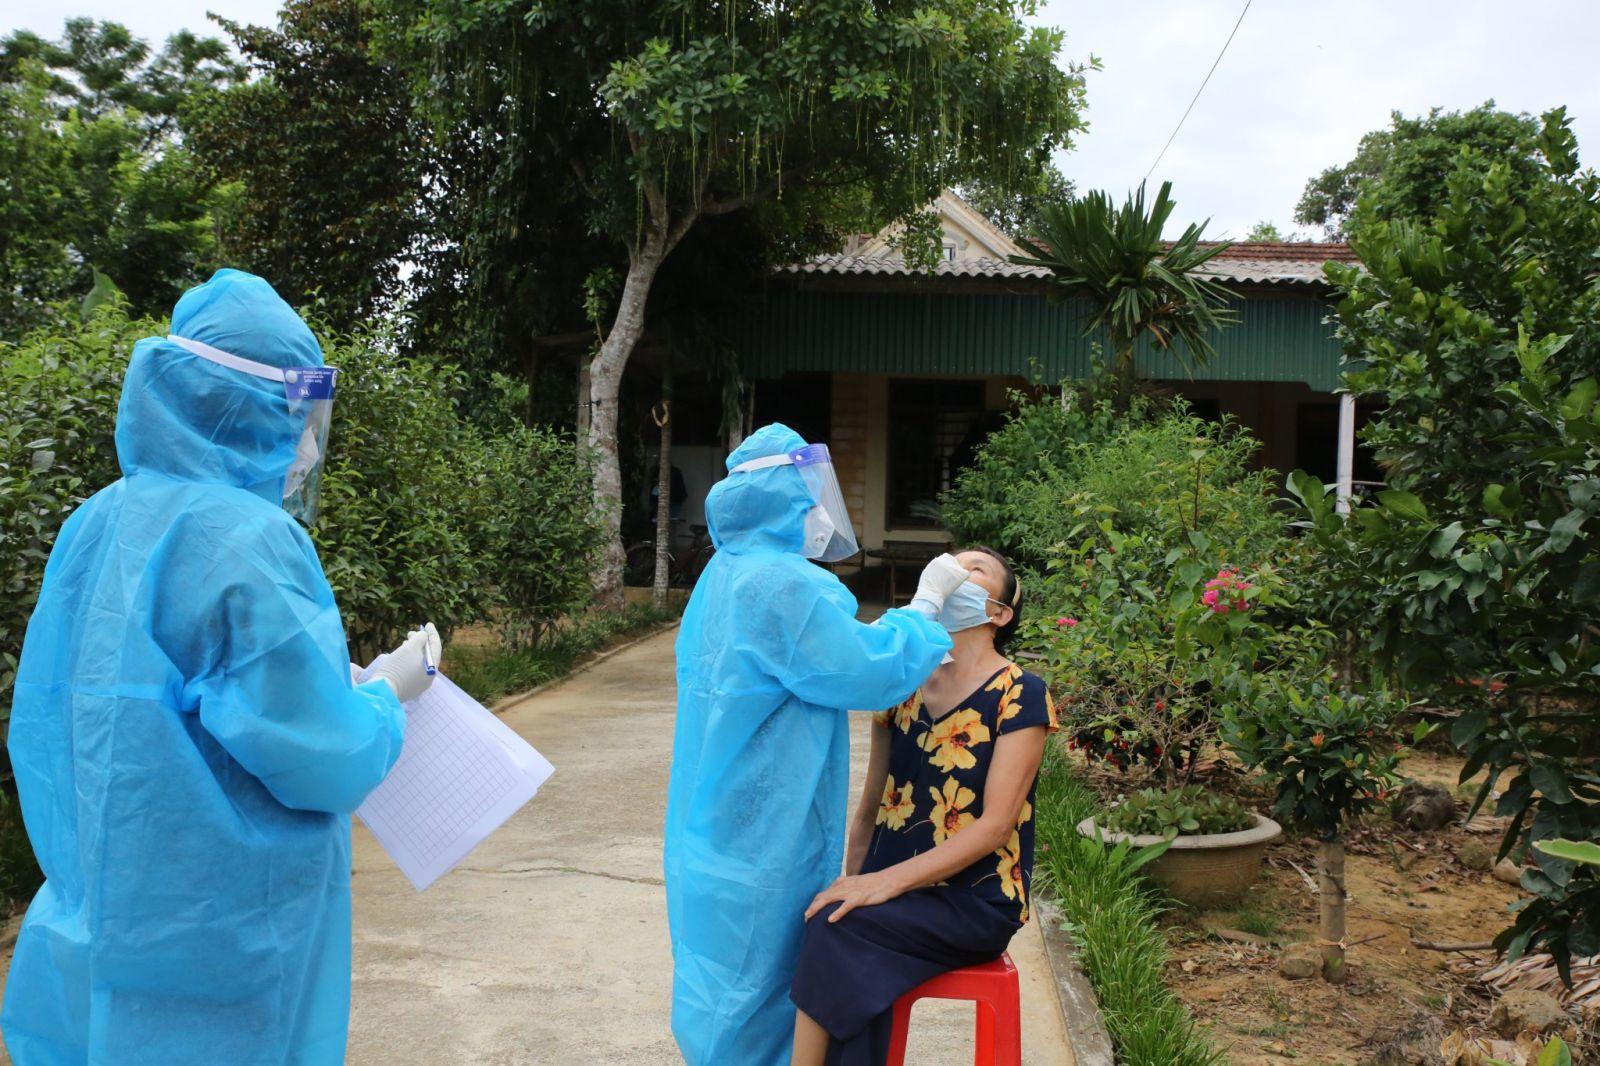 Lực lượng y tế Hà Tĩnh lấy mẫu xét nghiệm cho người dân trong khu vực phong toả